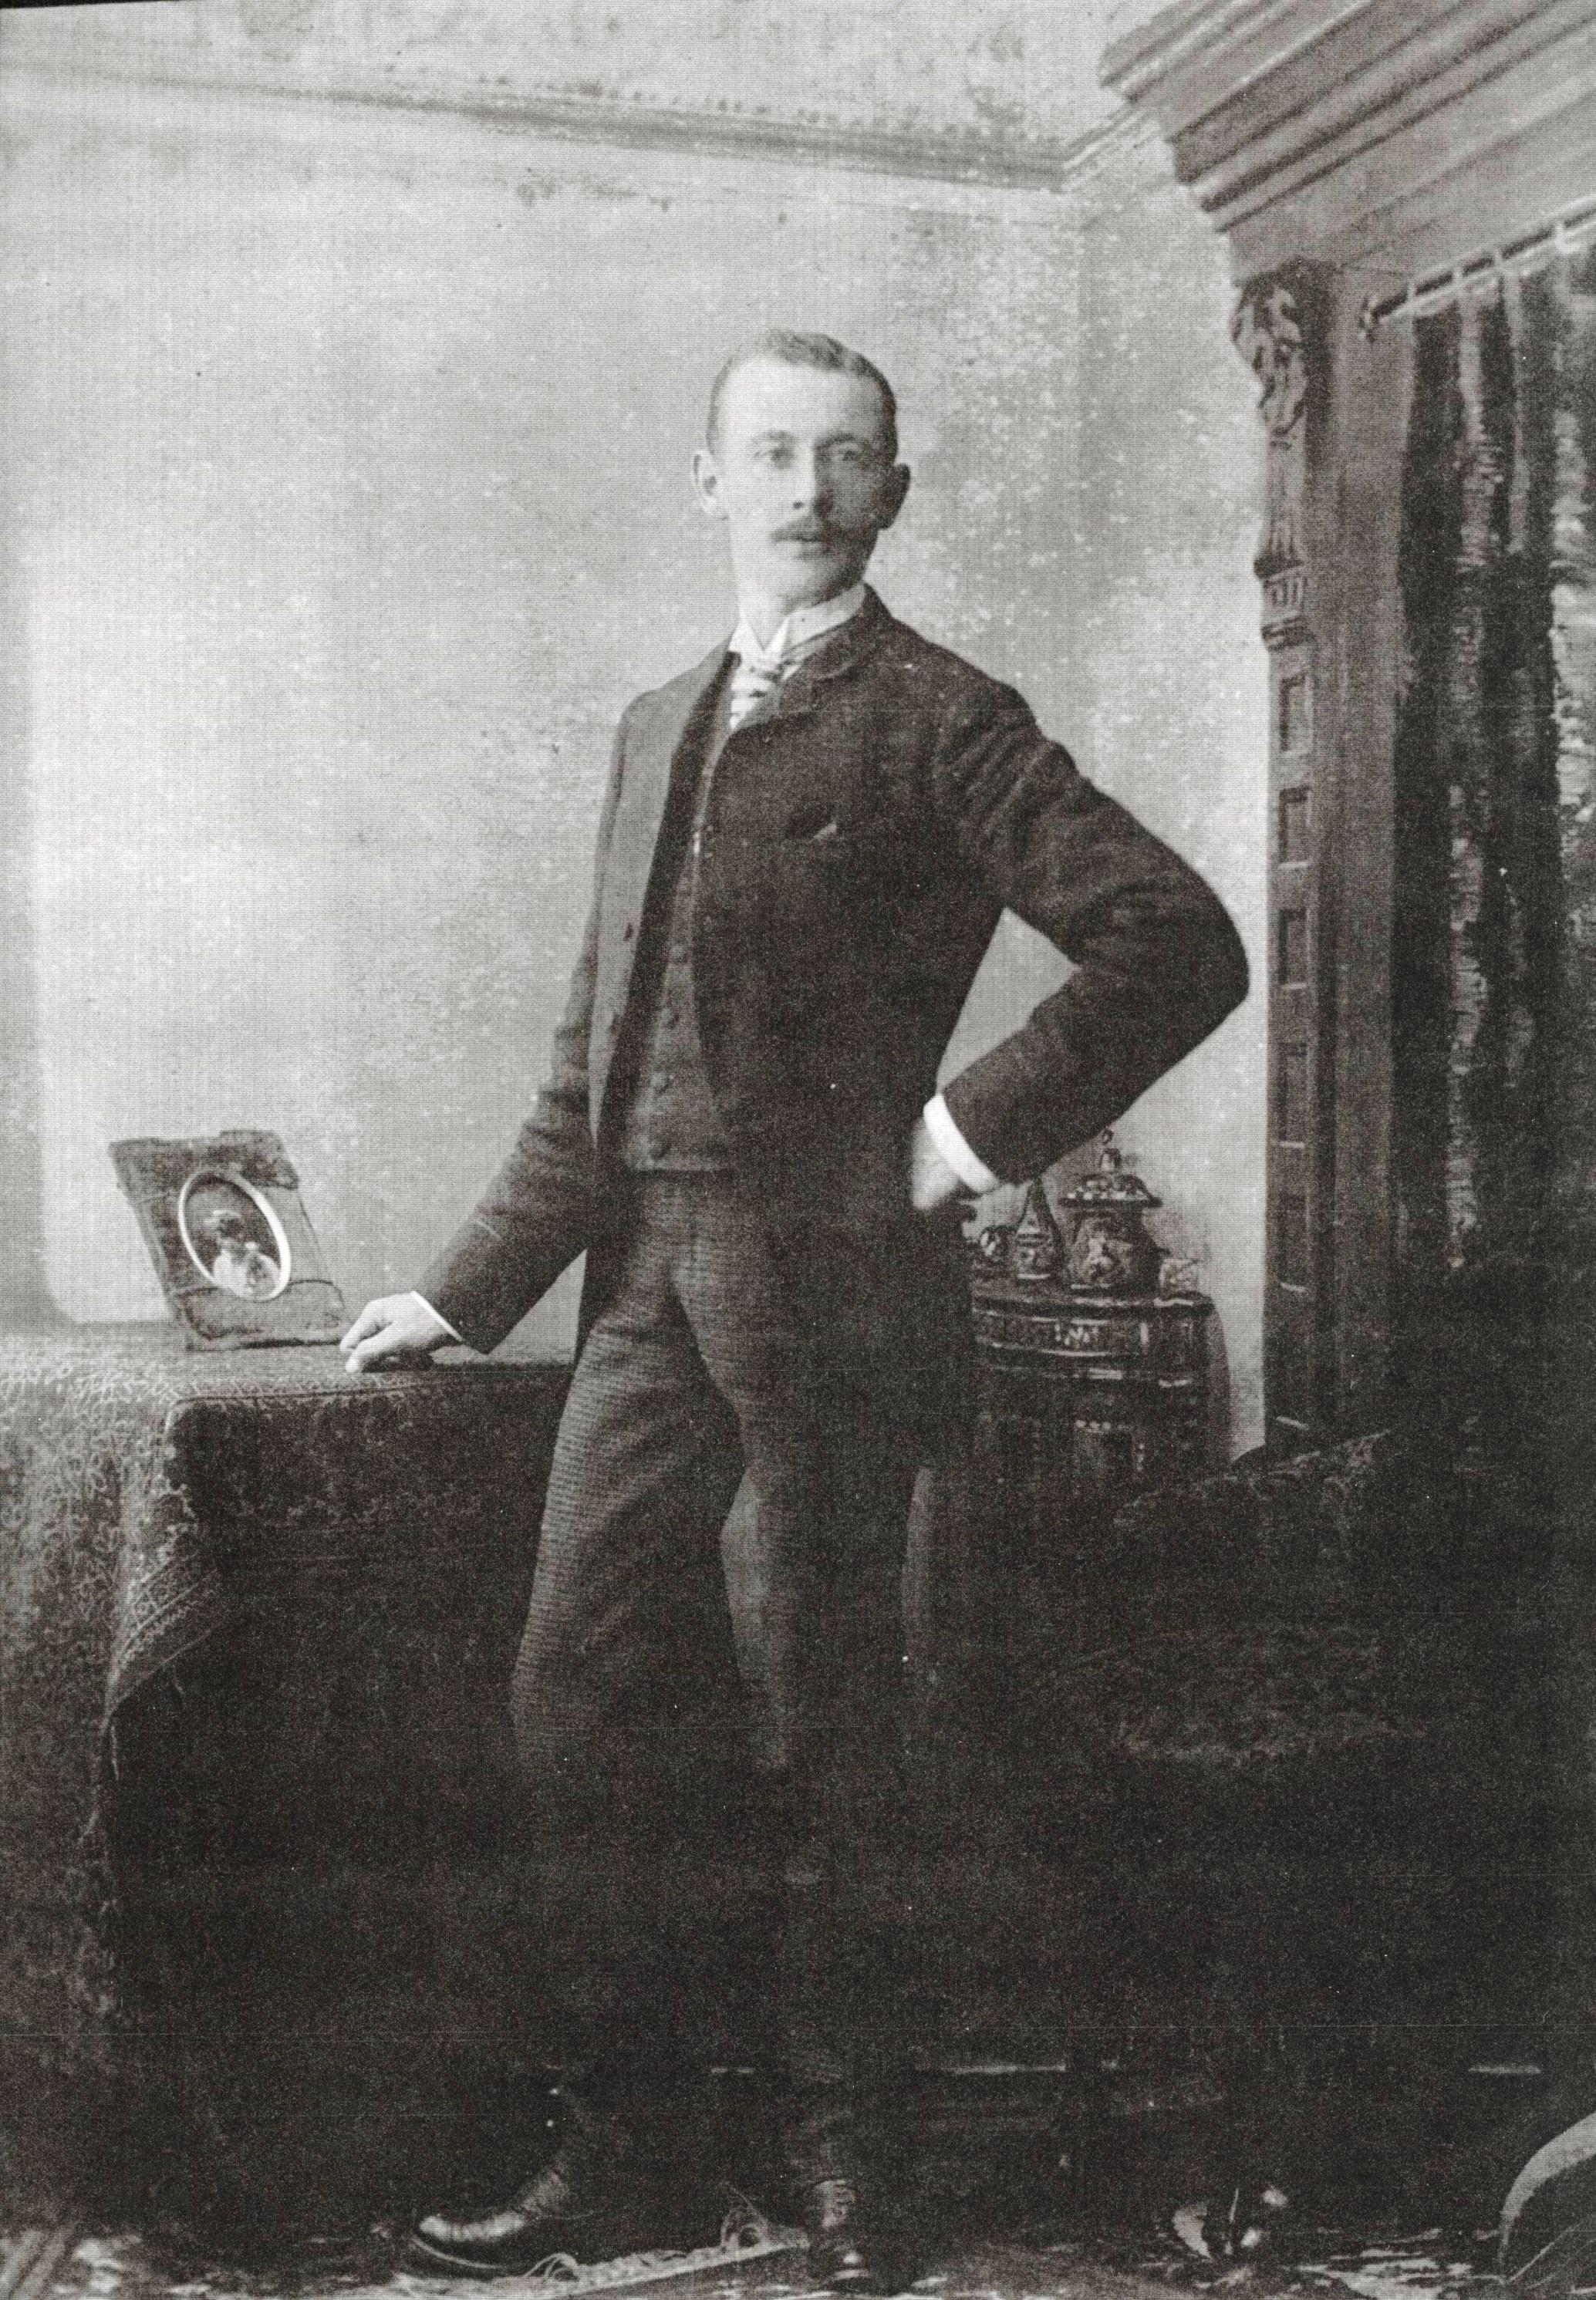 George William Bleecker 1824-1895